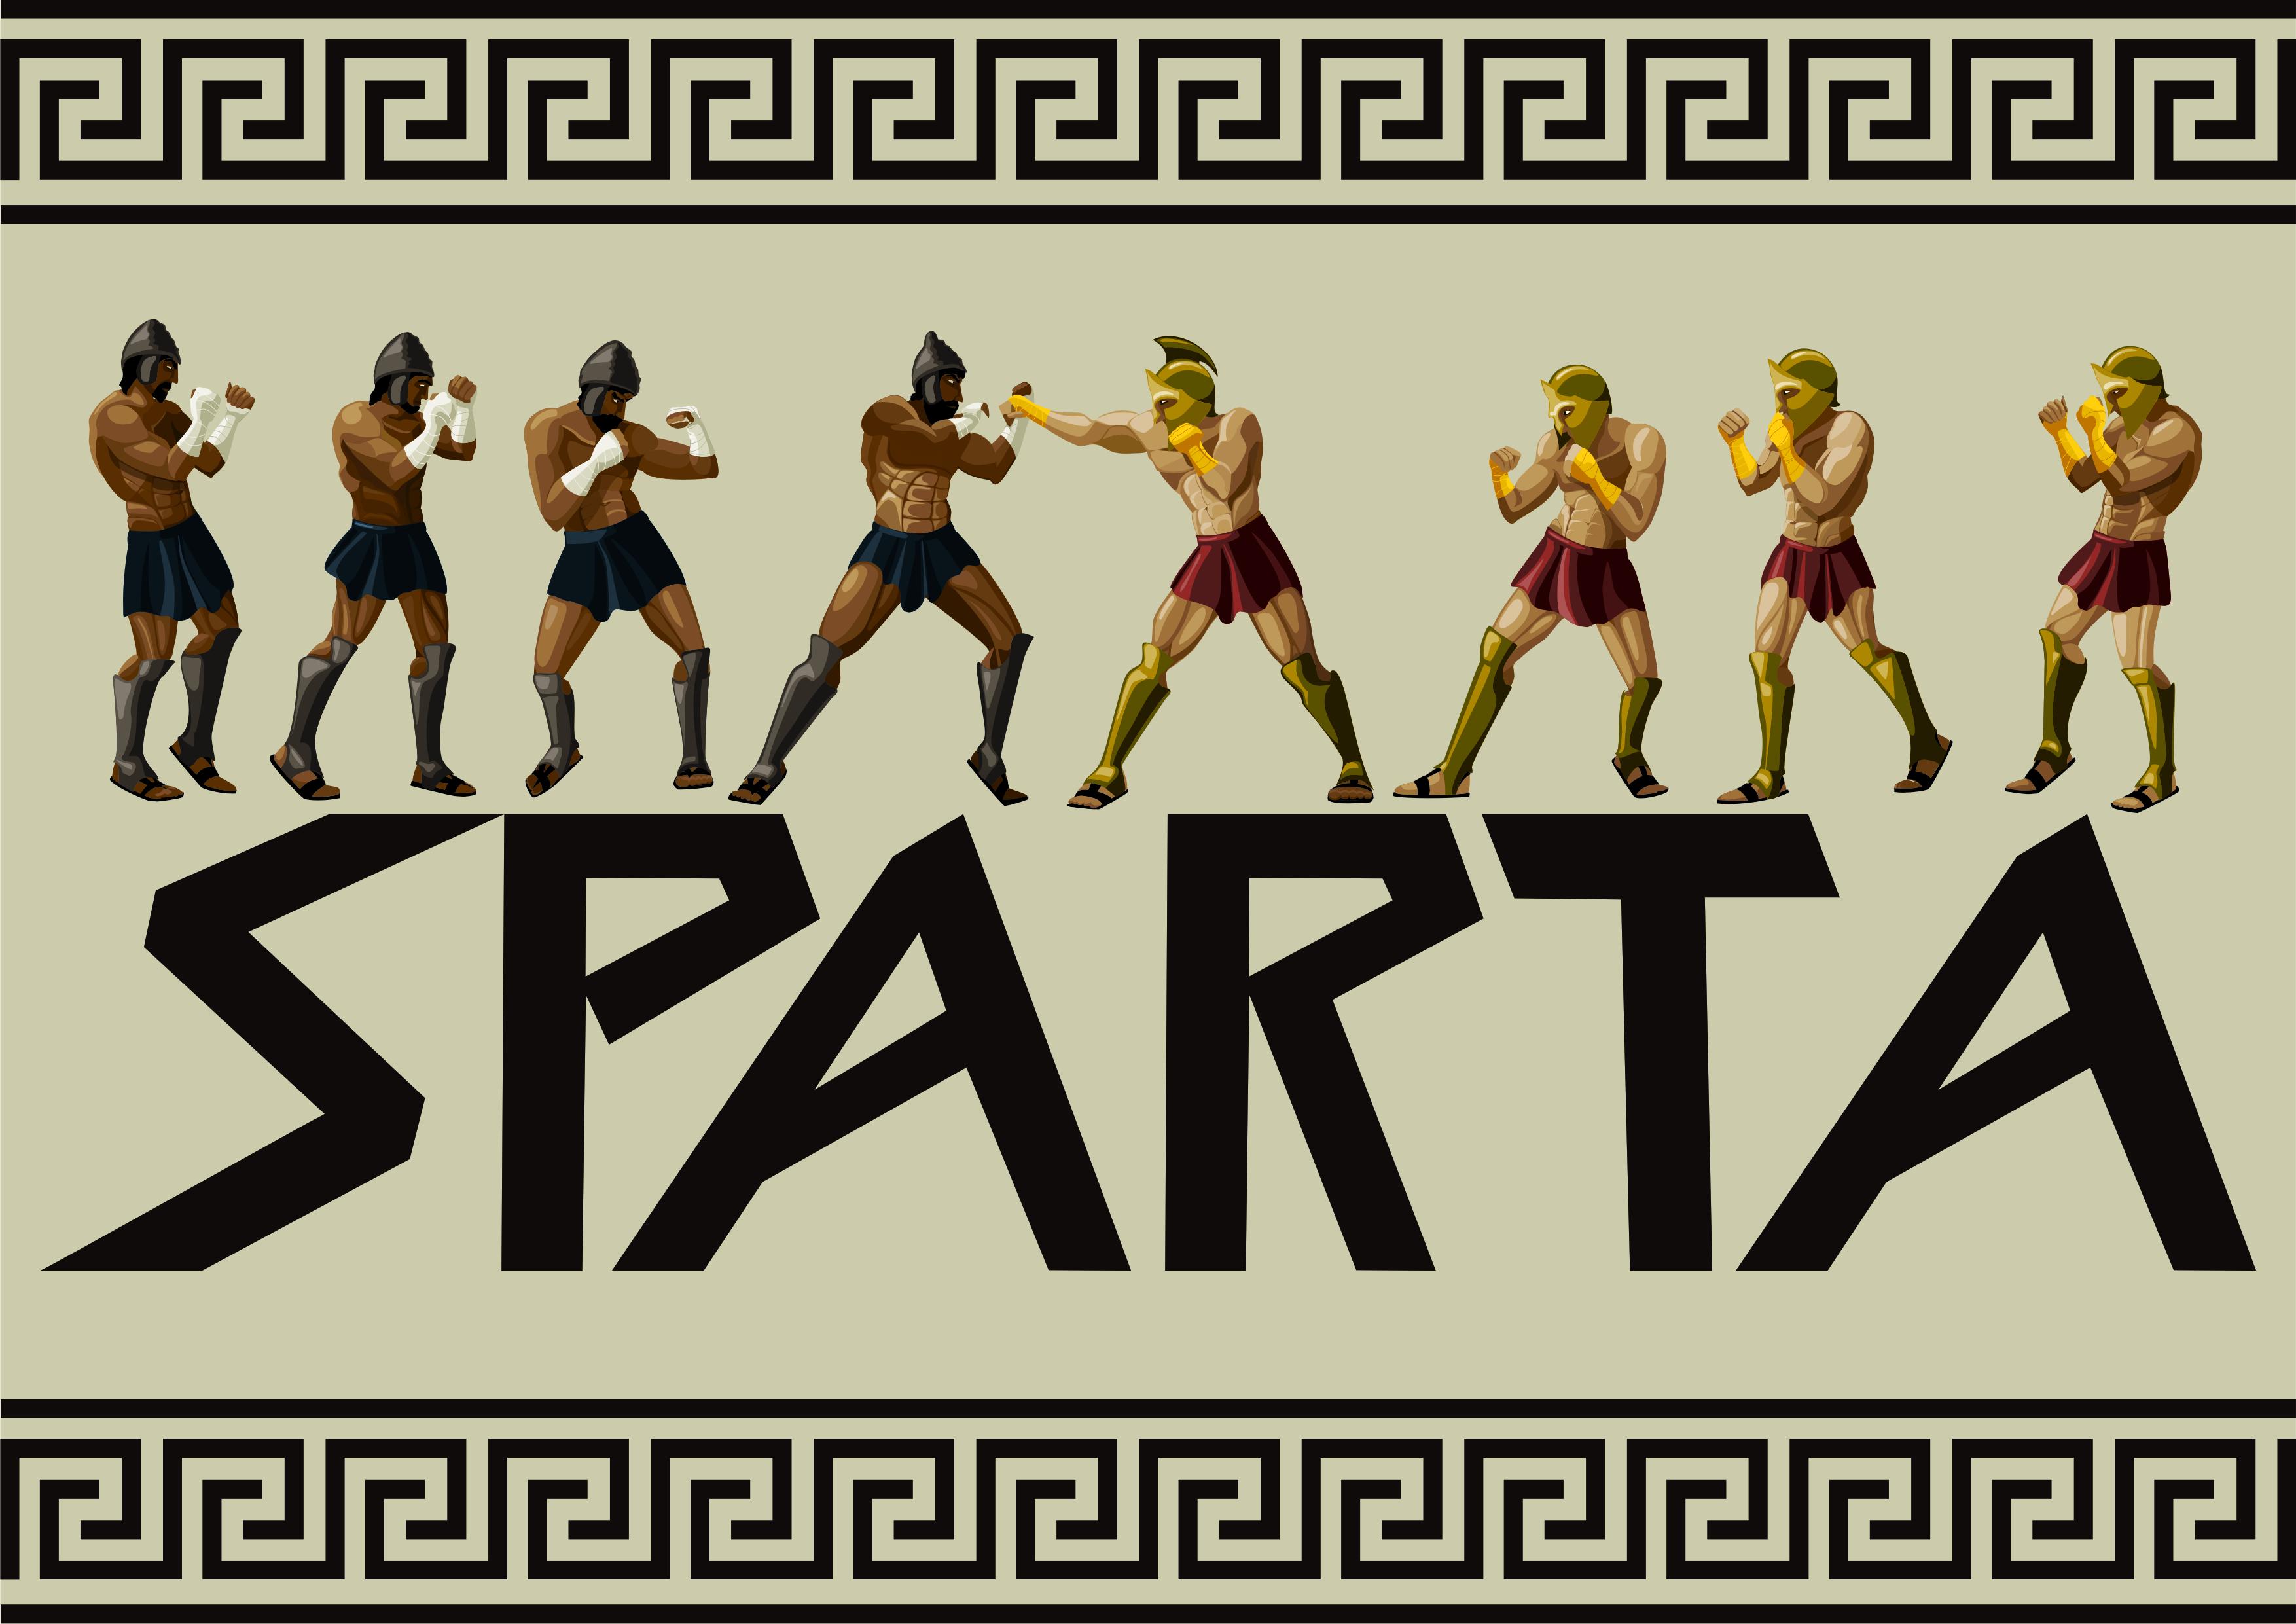 Спарта итоговый